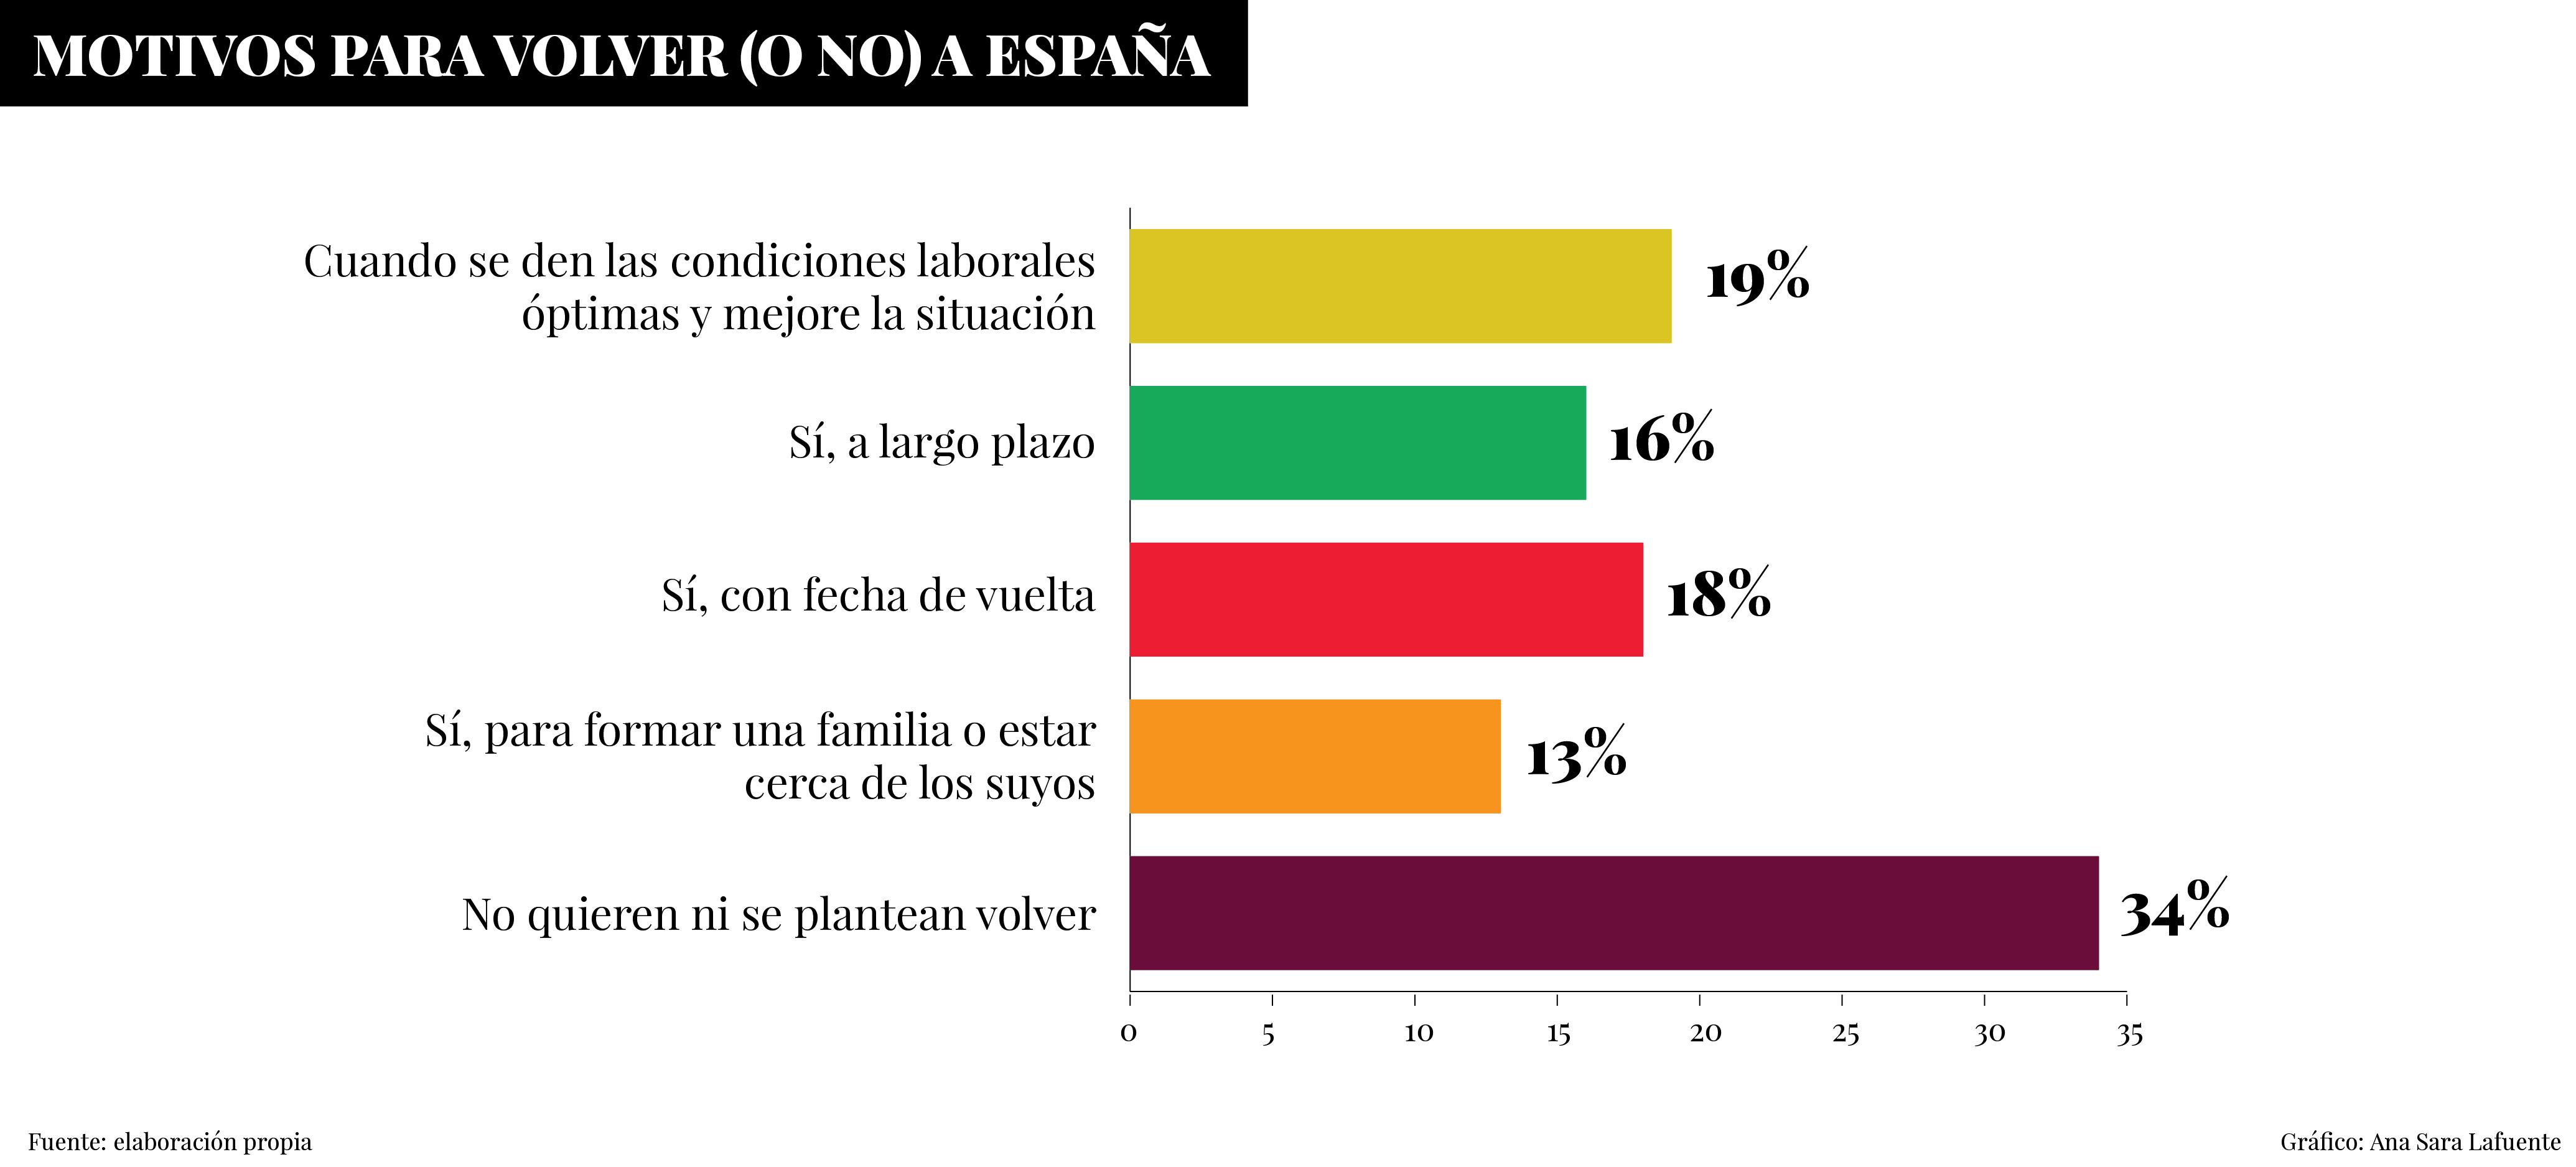 Gráfico - Motivos para volver (o no) a España ('Sueños Rotos' - Fundación porCausa).